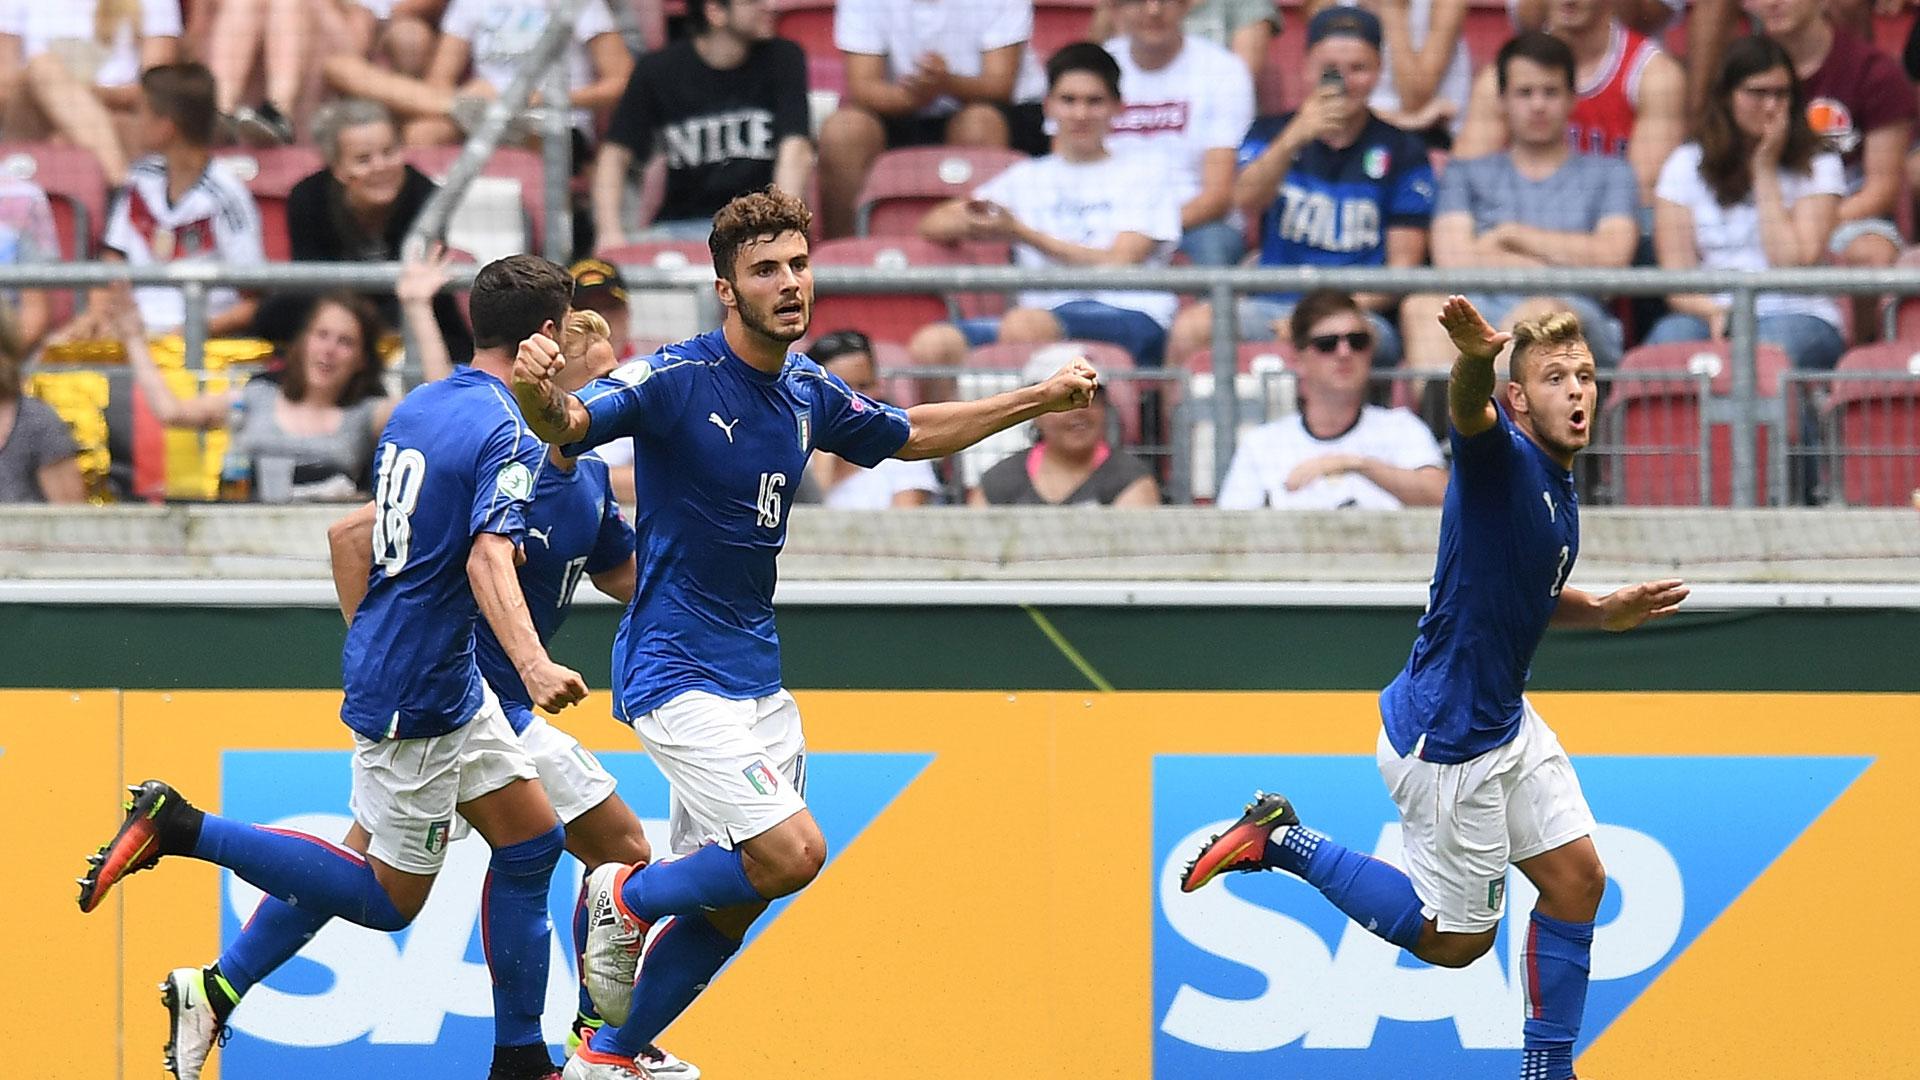 Germania-Italia in tv, dove vedere la diretta Europeo under 19